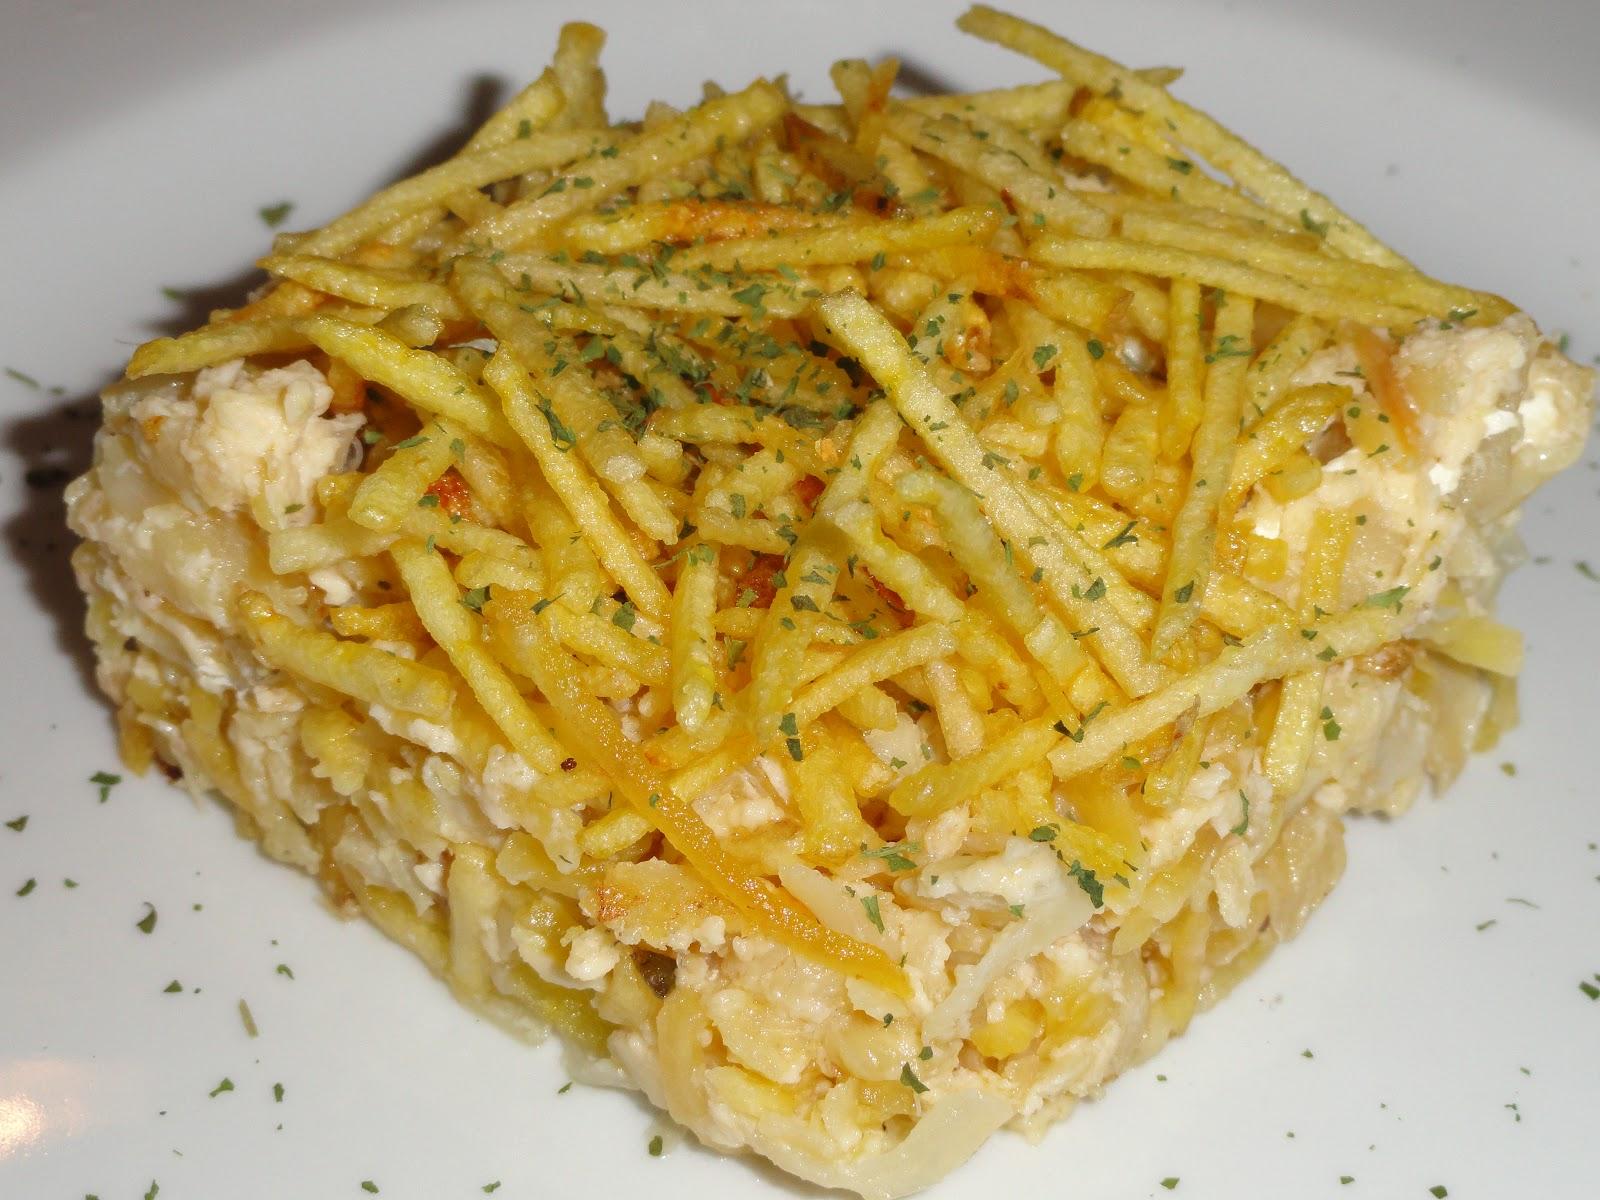 No todo es cocinar receta bacalao portugu s for Cocinar cocochas de bacalao